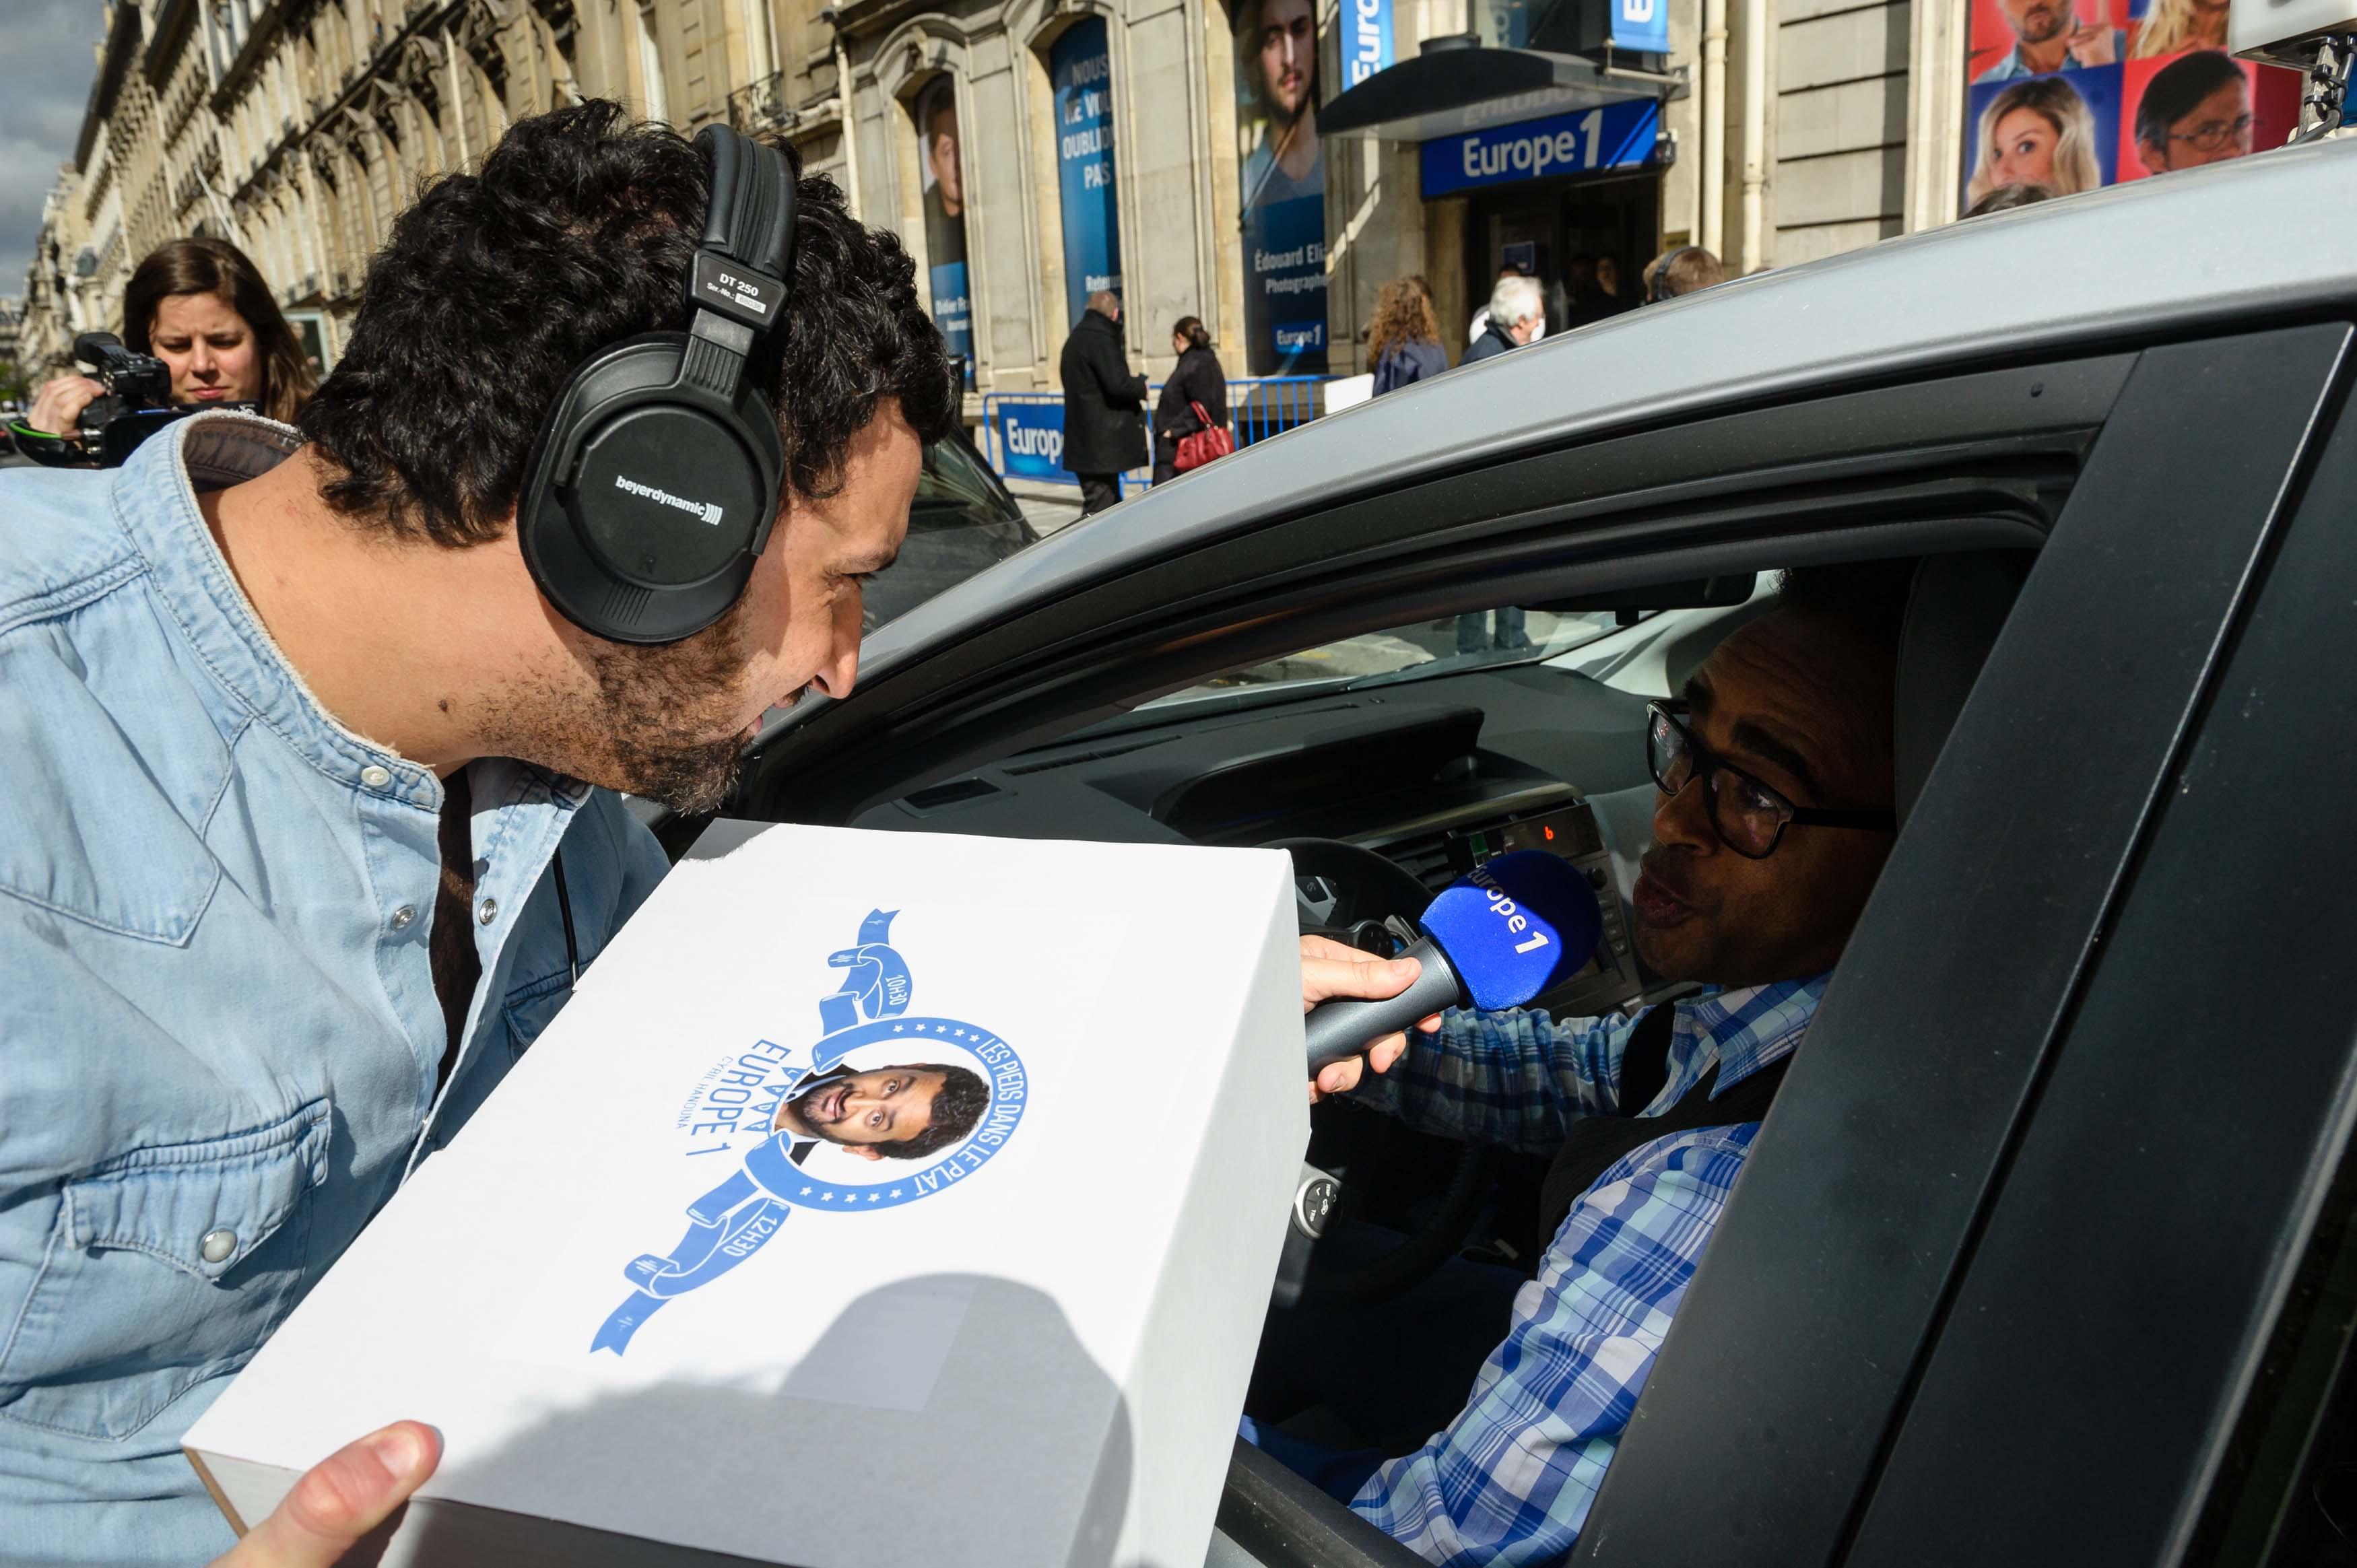 Plus de 200 taxis devant Europe 1